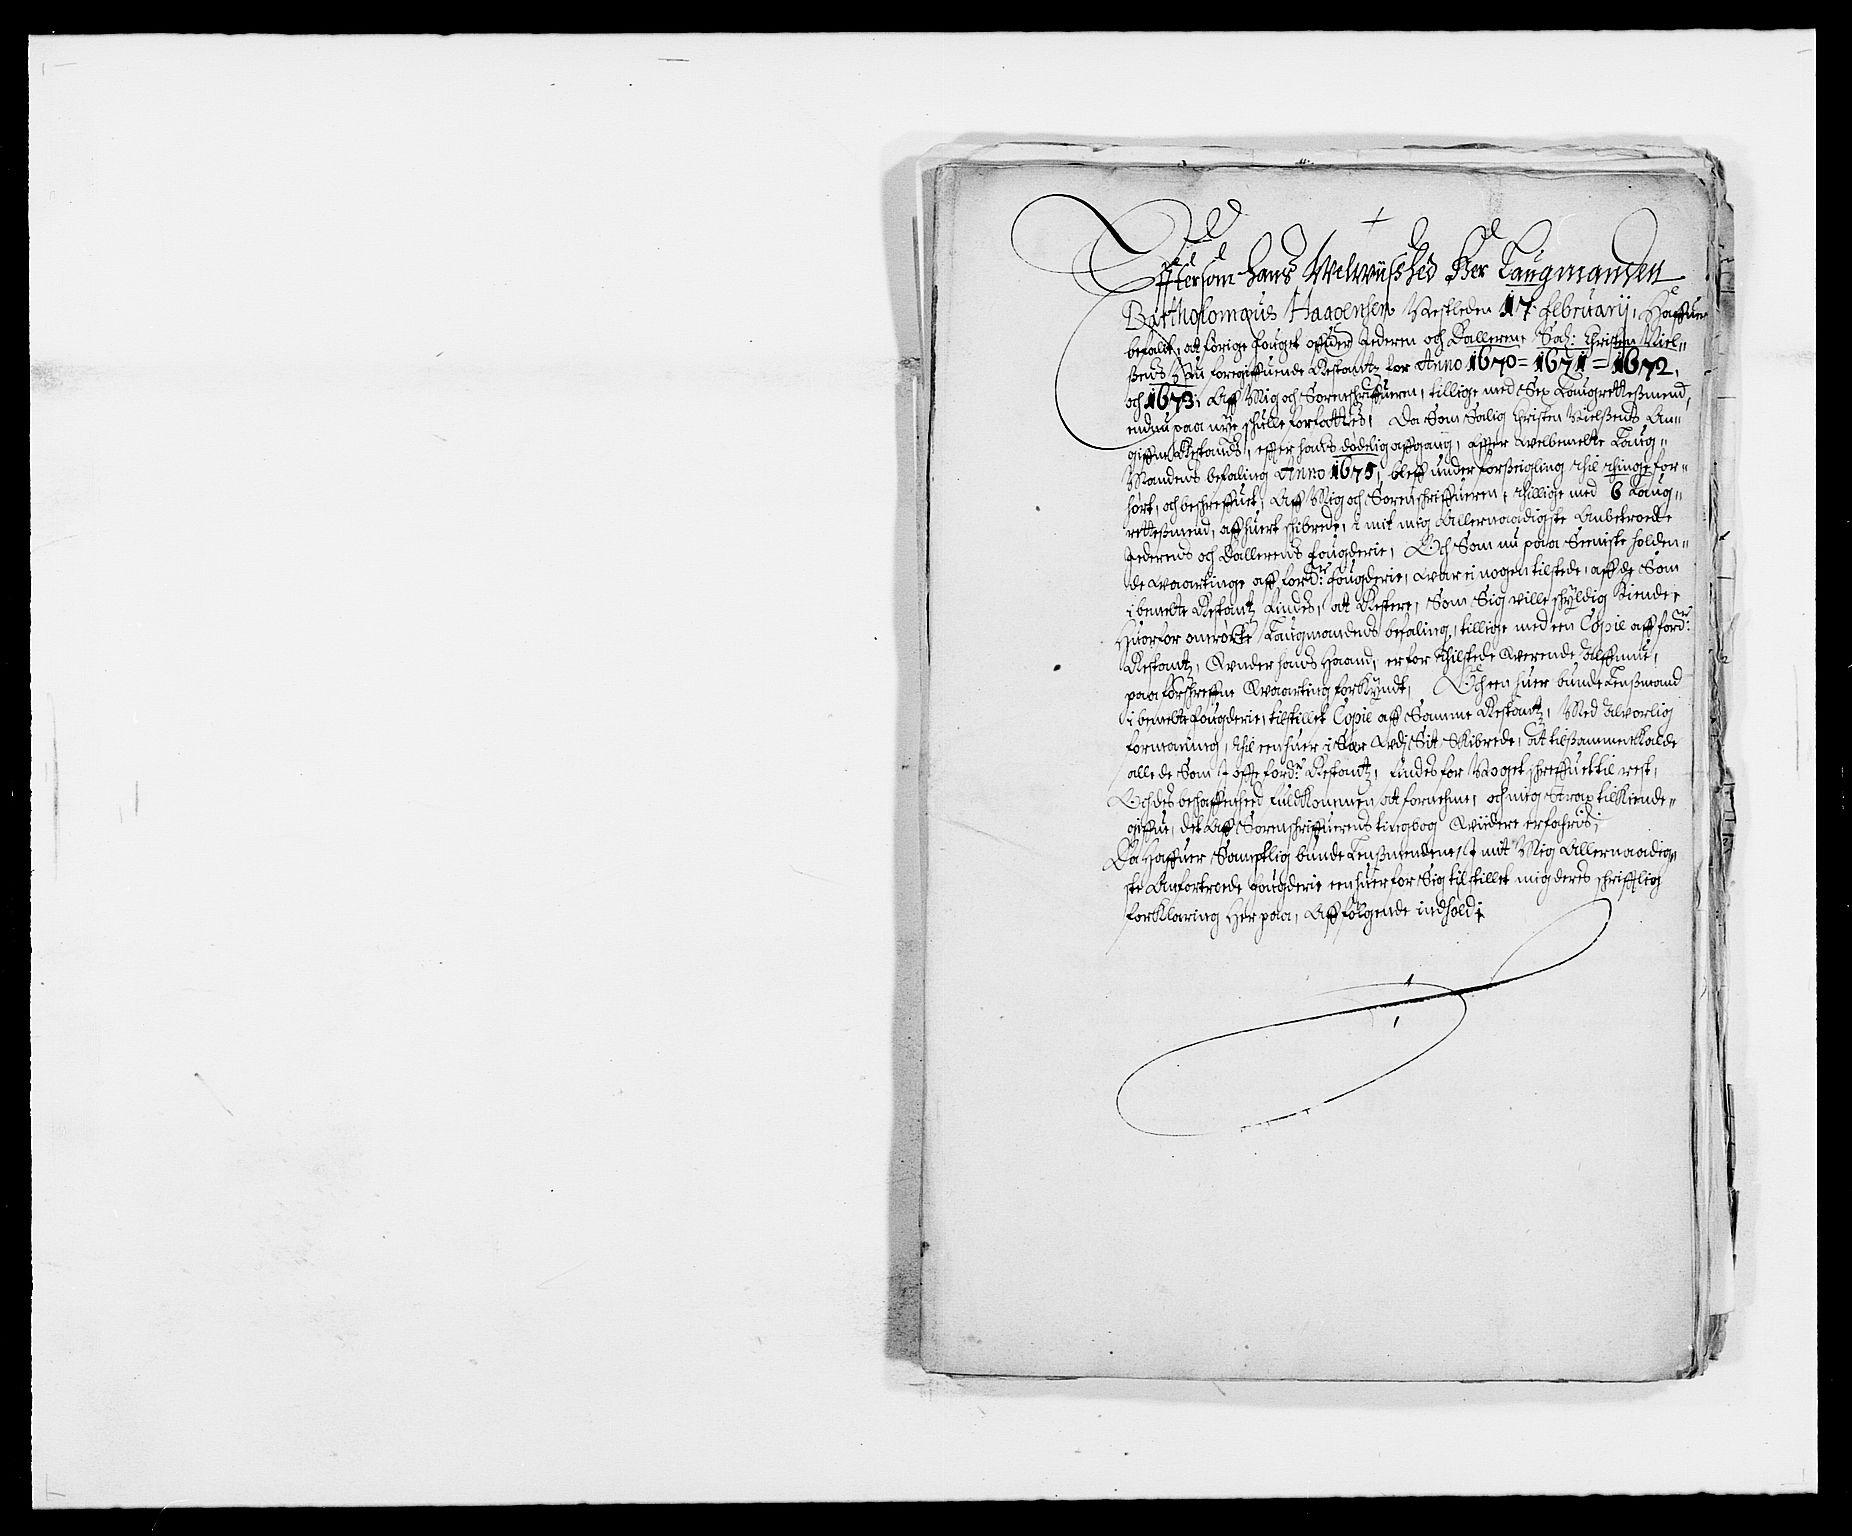 RA, Rentekammeret inntil 1814, Reviderte regnskaper, Fogderegnskap, R46/L2714: Fogderegnskap Jæren og Dalane, 1673-1674, s. 150